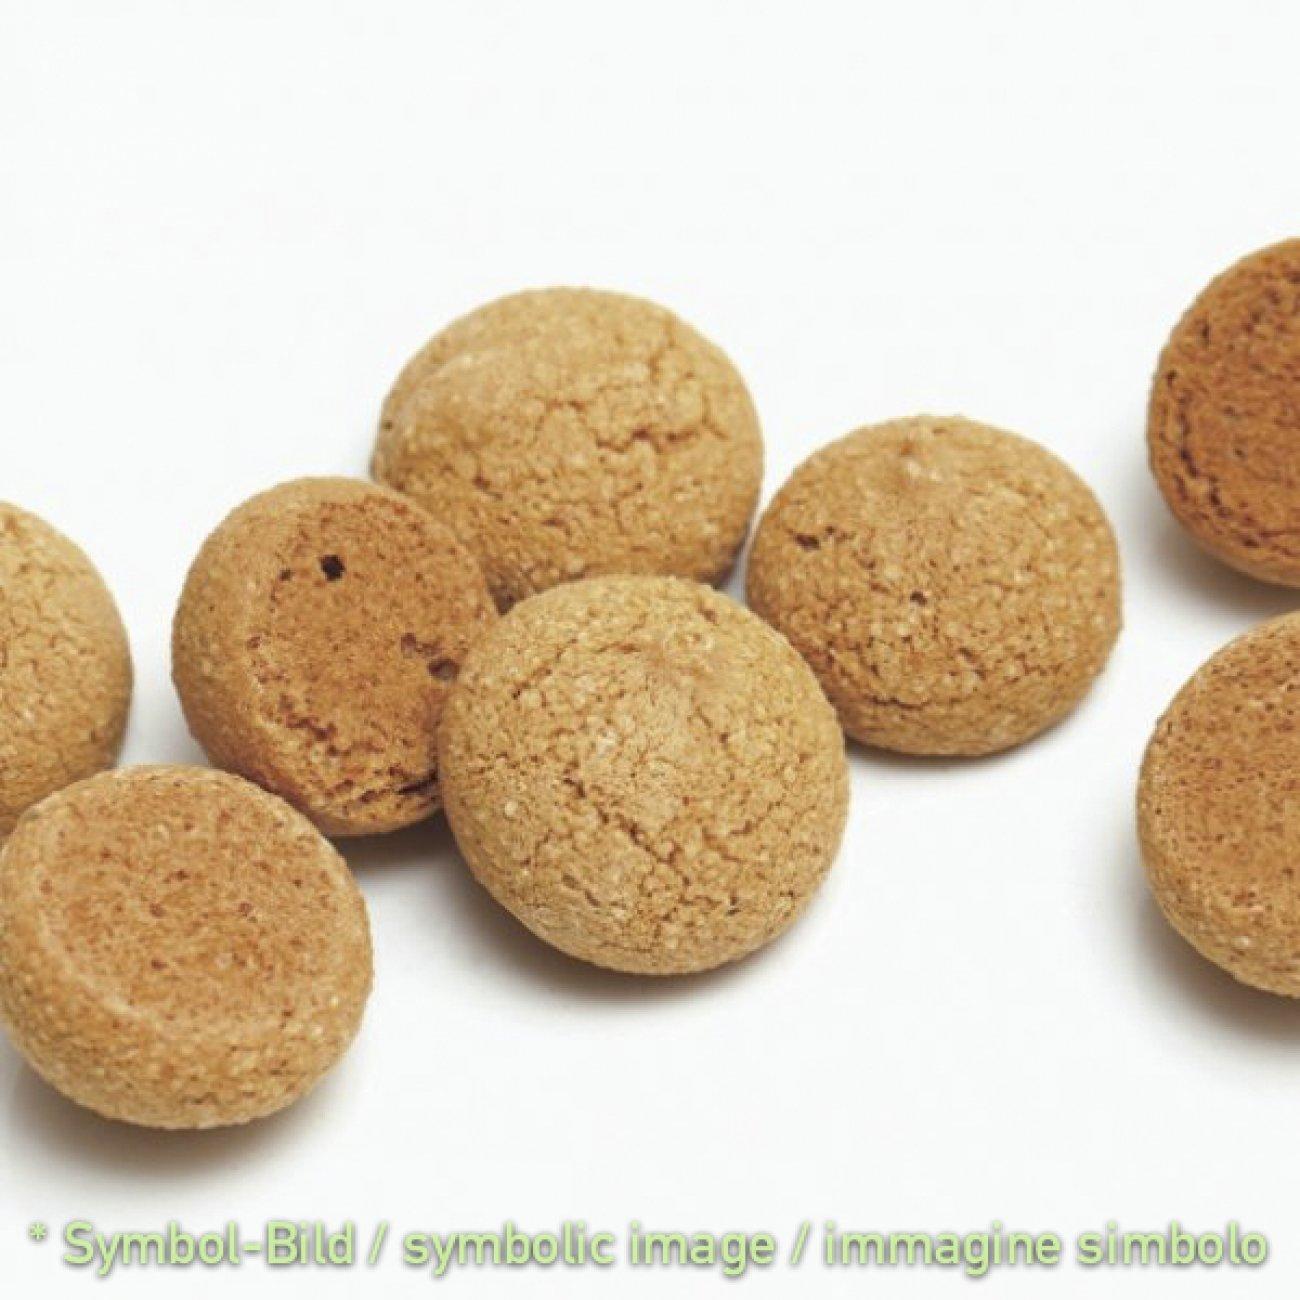 amaretto crumbles / granella di amaretto - box 4 kg - Ice cream decoration garnish